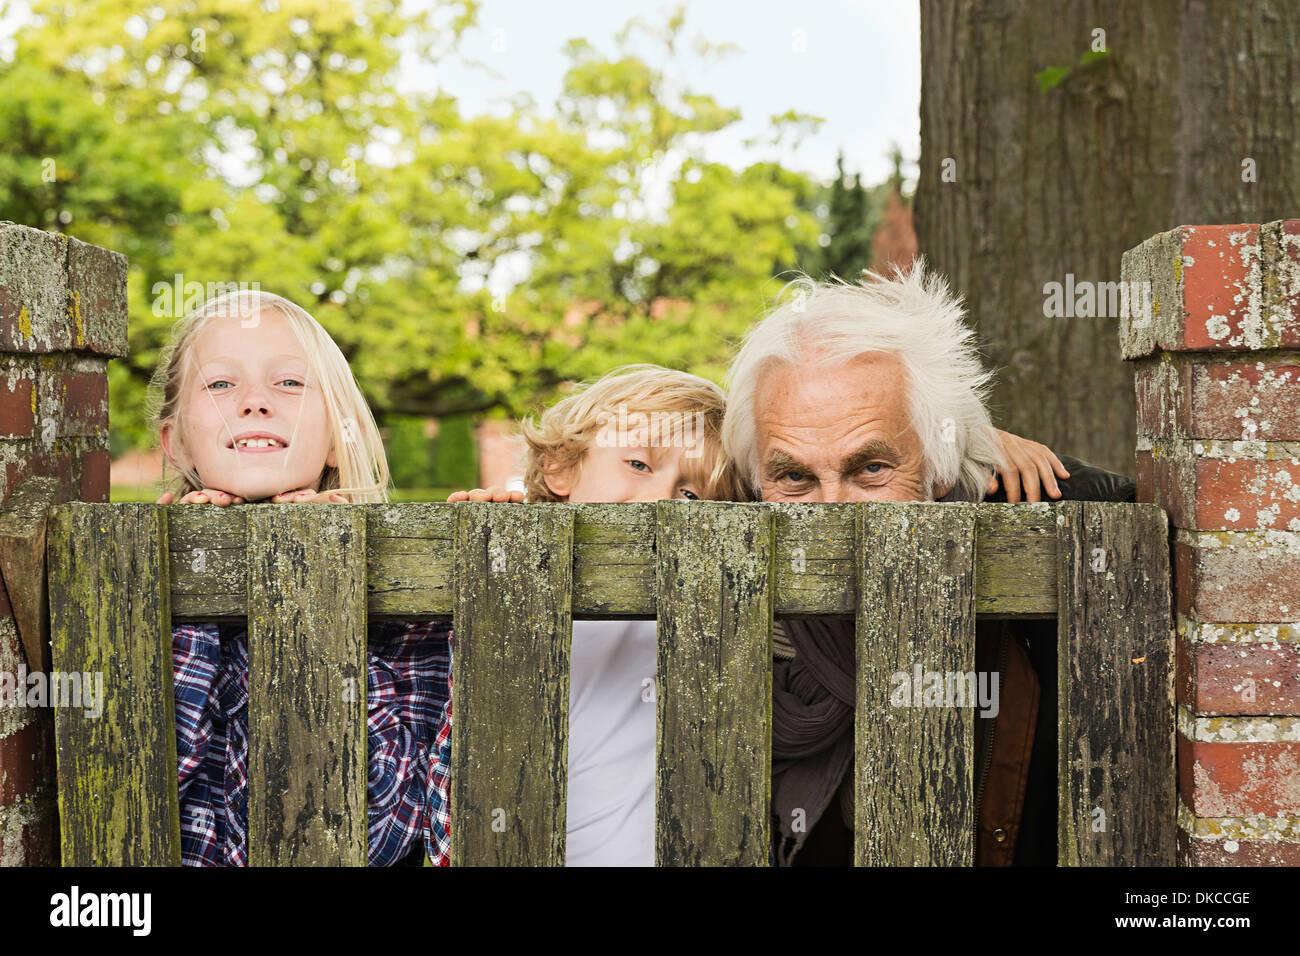 Grand-père et ses petits-enfants sur plus de barrière en bois Photo Stock